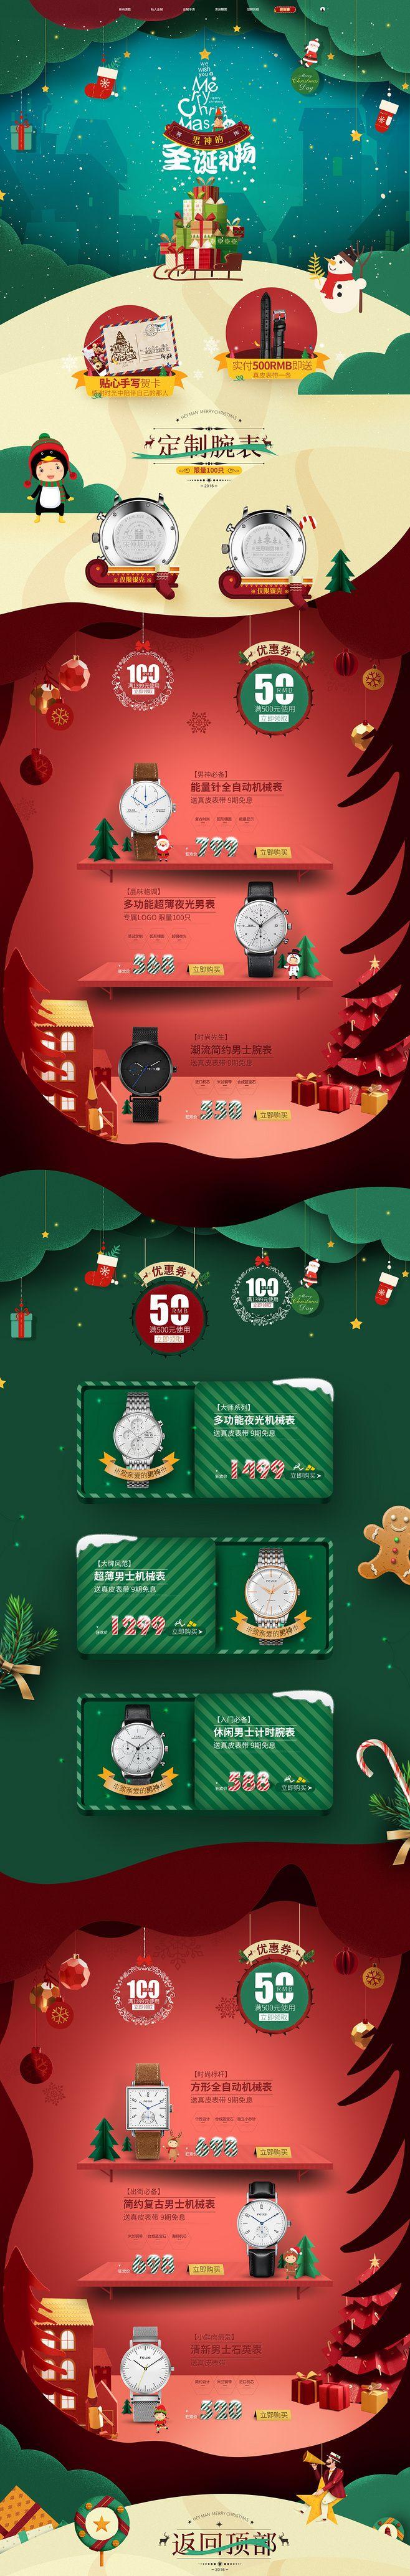 圣诞节 珠宝首饰银饰银器钻石戒指天猫首页...